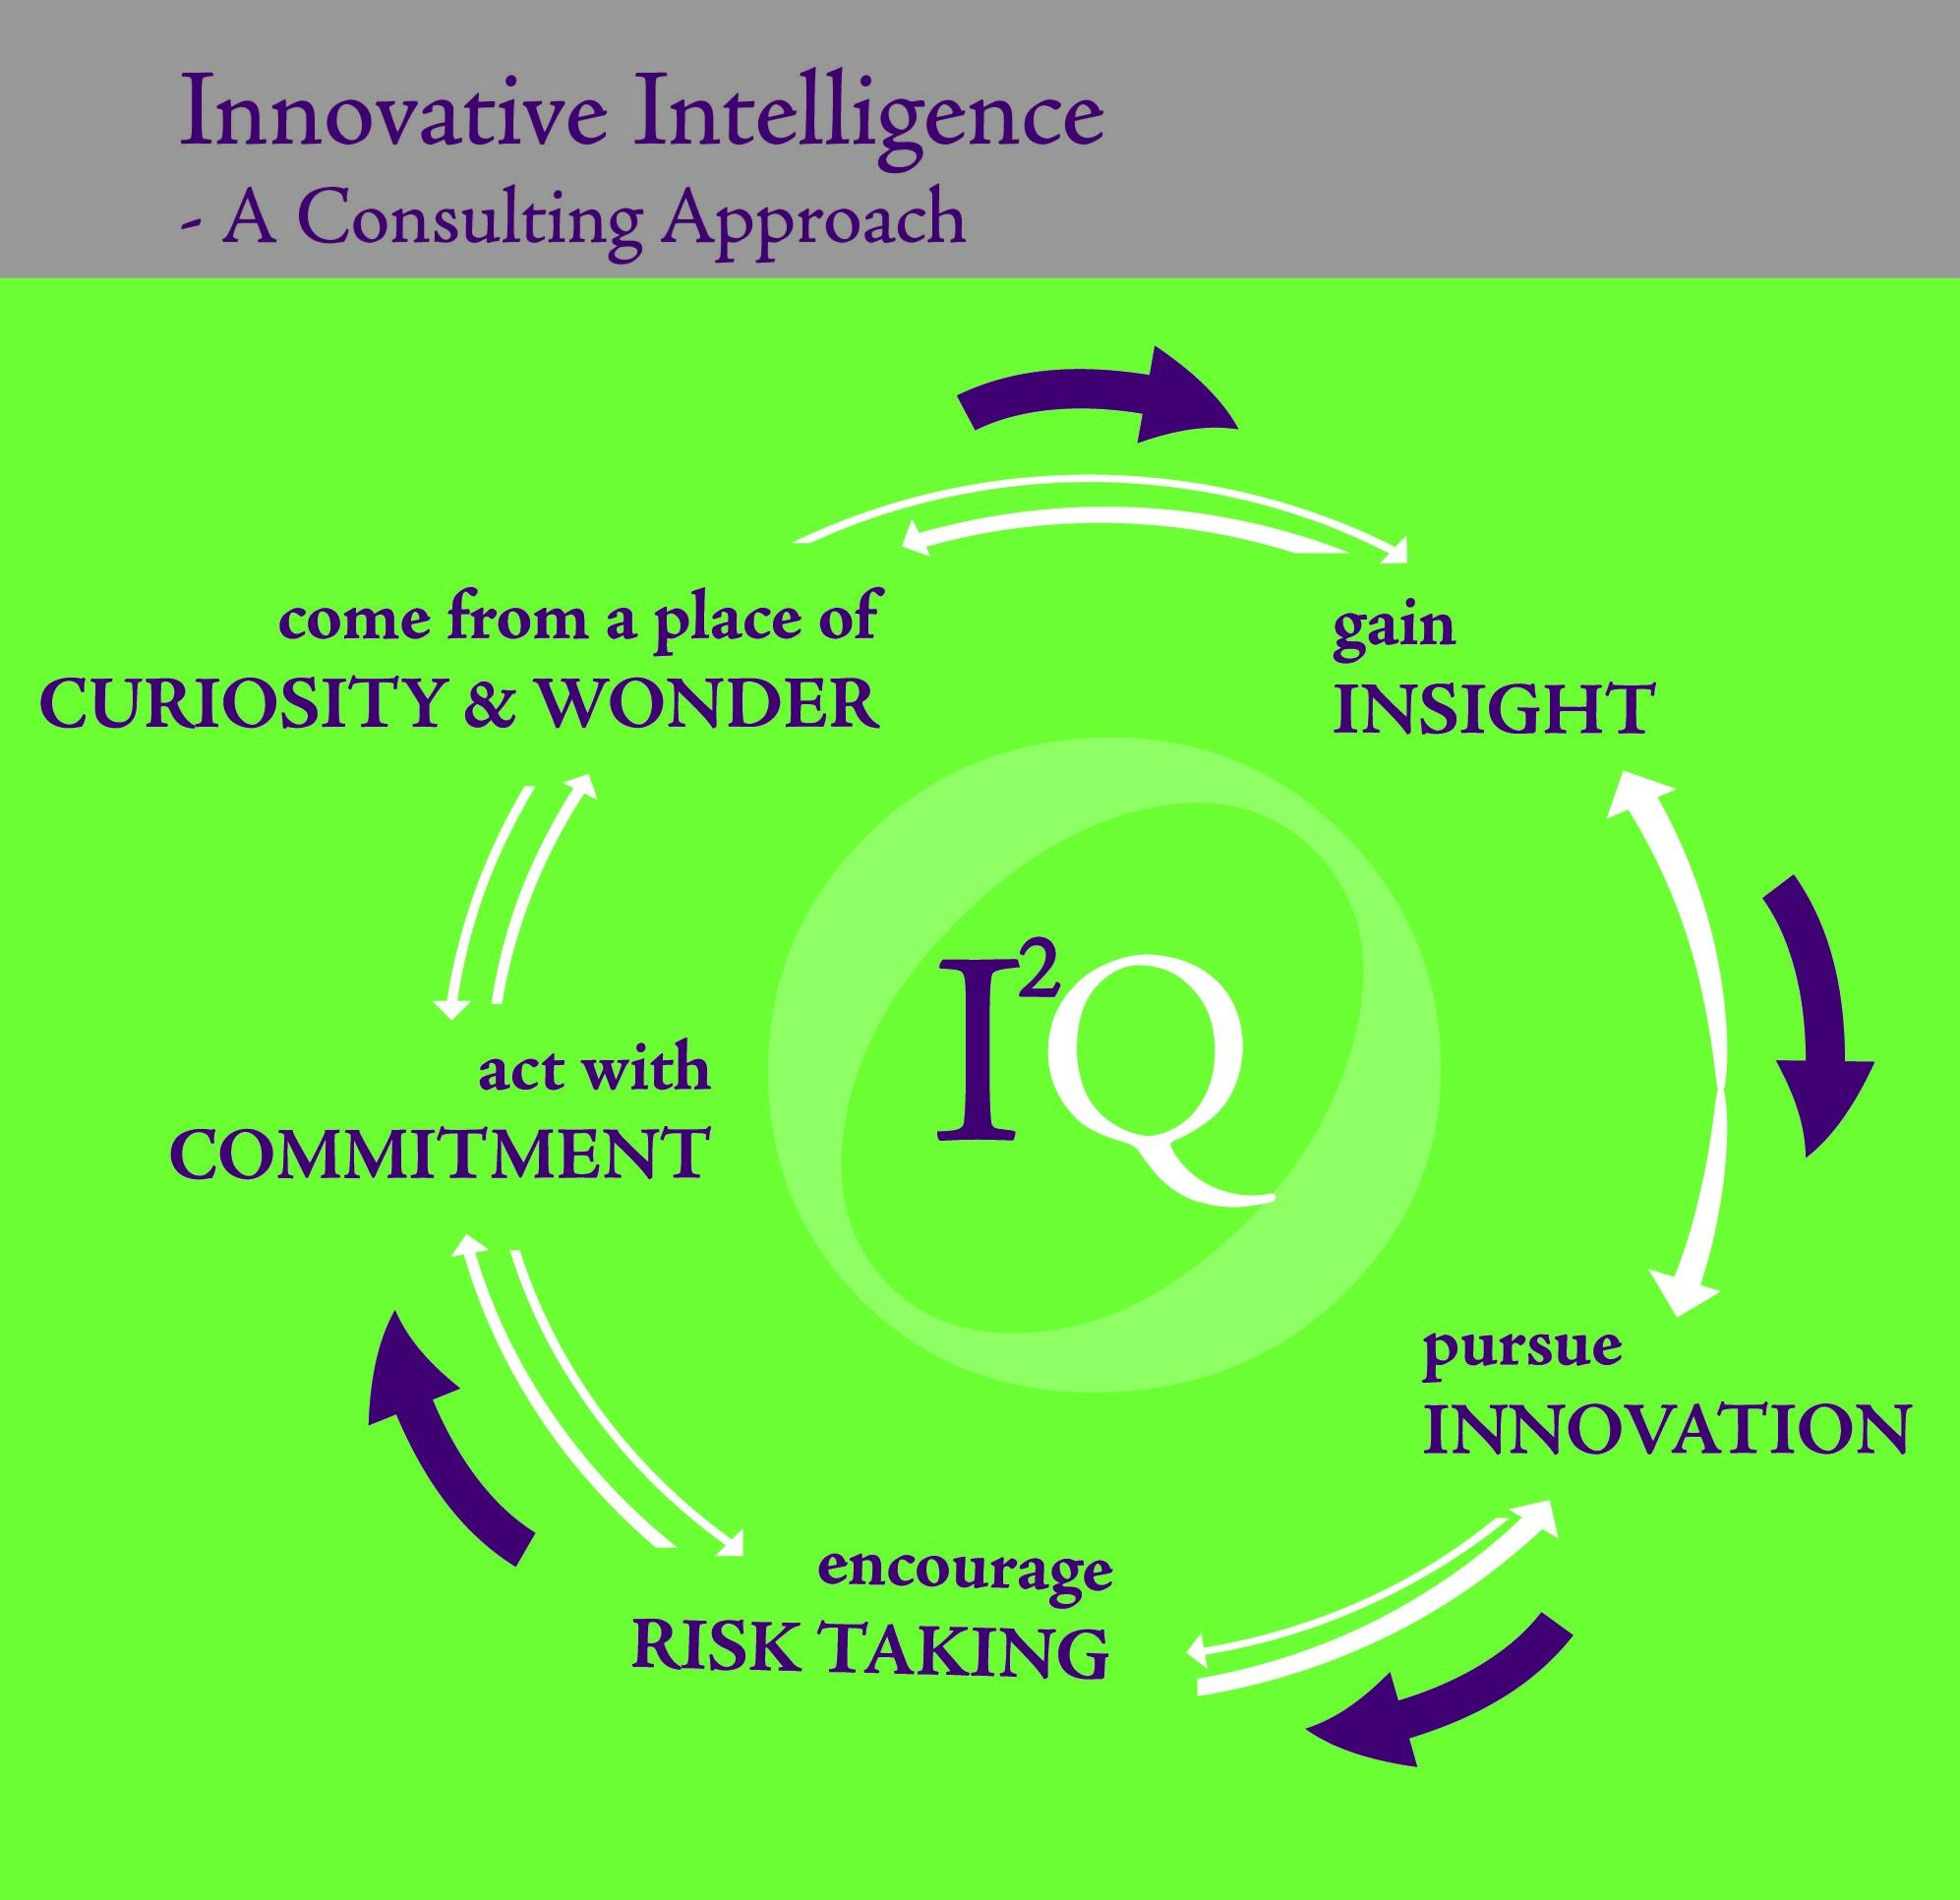 Innovative Intelligence Approach